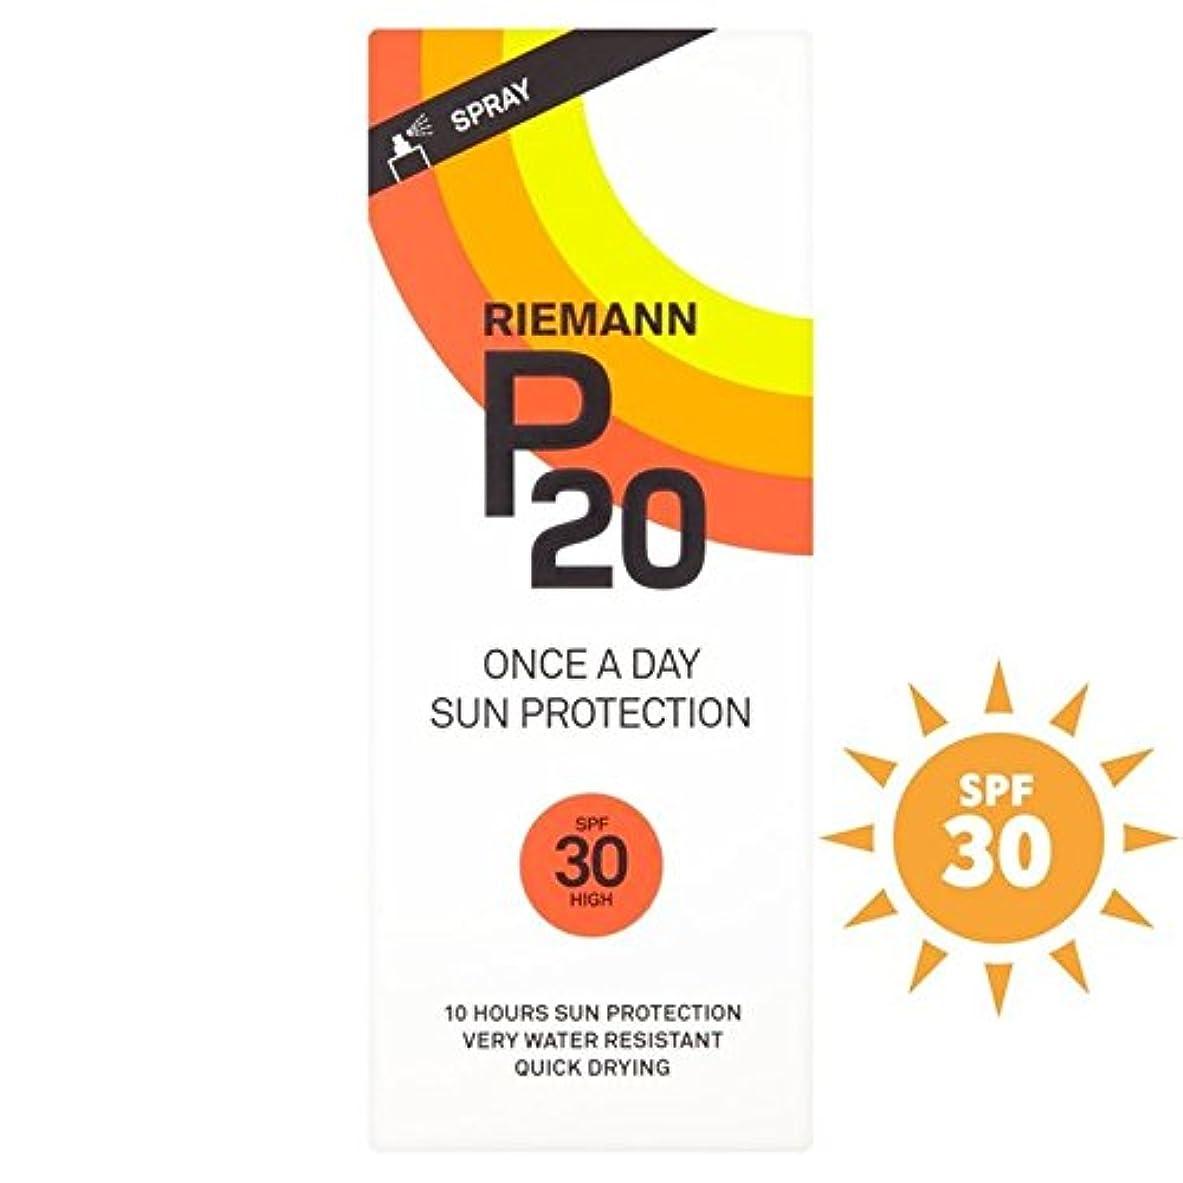 人口ダウン探検リーマン20 30 1日/ 10時間の保護200ミリリットル x2 - Riemann P20 SPF30 1 Day/10 Hour Protection 200ml (Pack of 2) [並行輸入品]